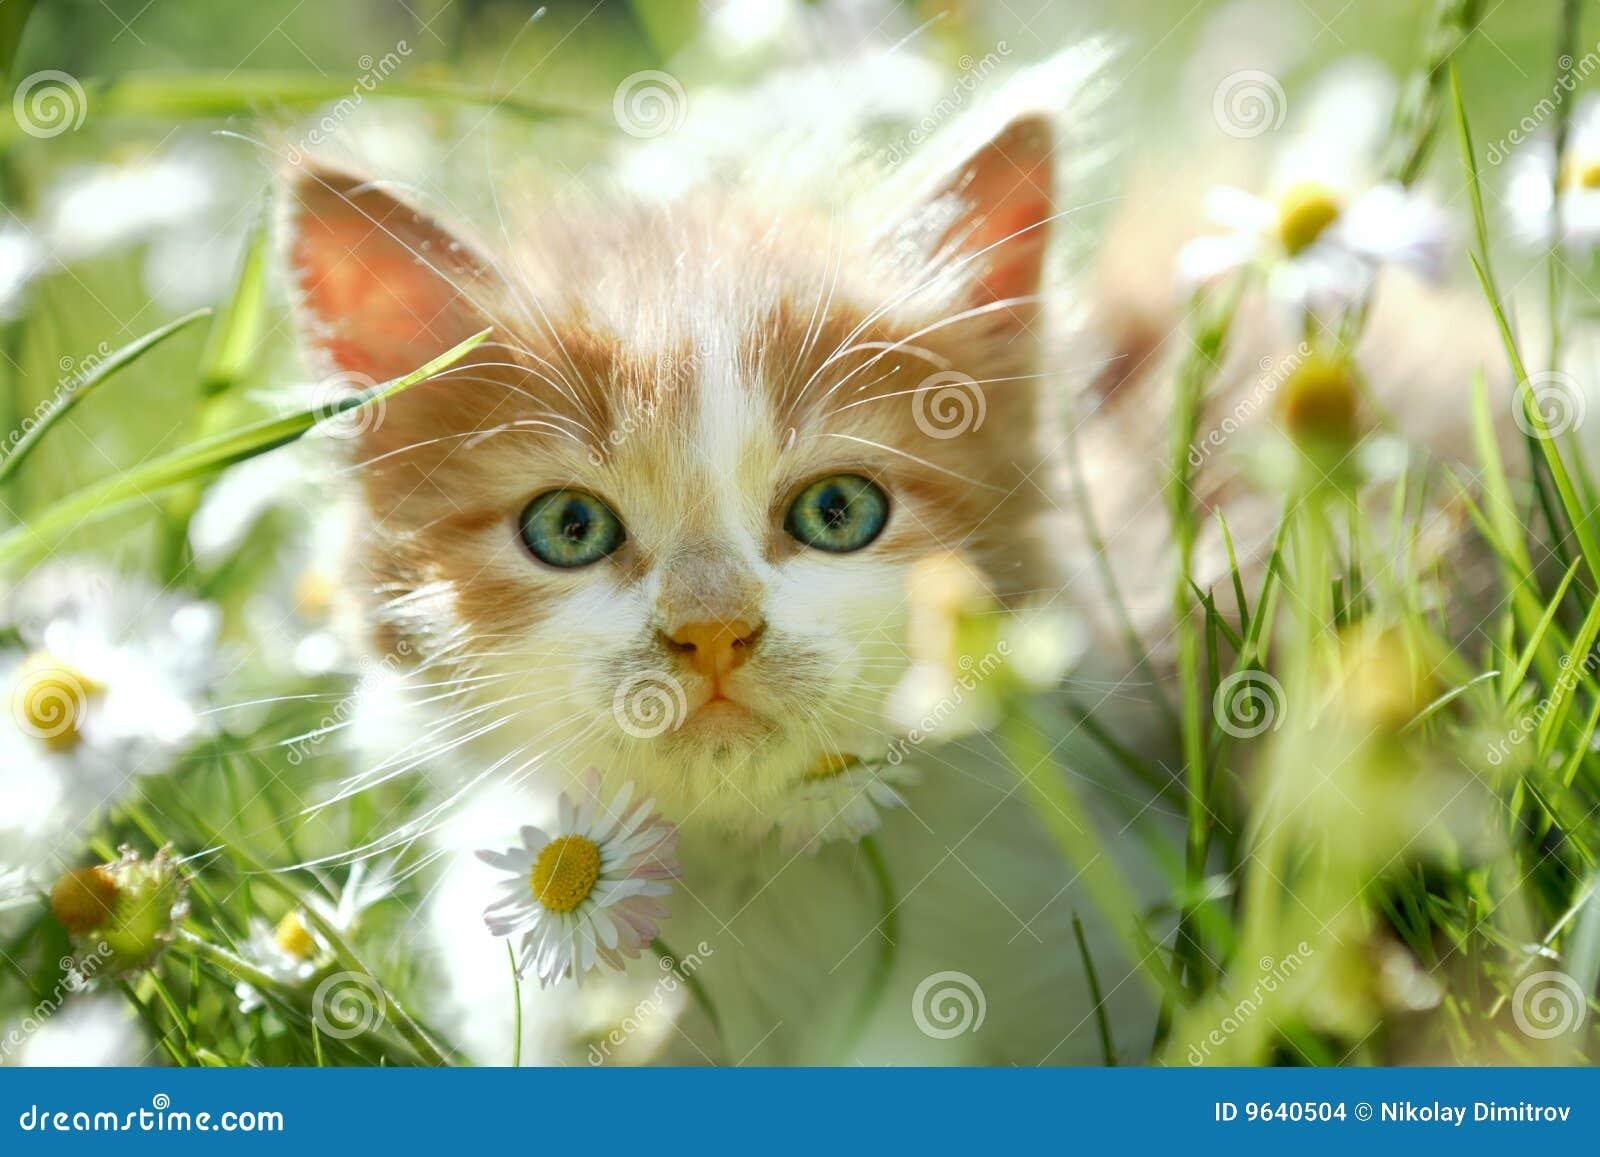 petit chat mignon dans l 39 herbe verte photo stock image du ch ri gibier 9640504. Black Bedroom Furniture Sets. Home Design Ideas